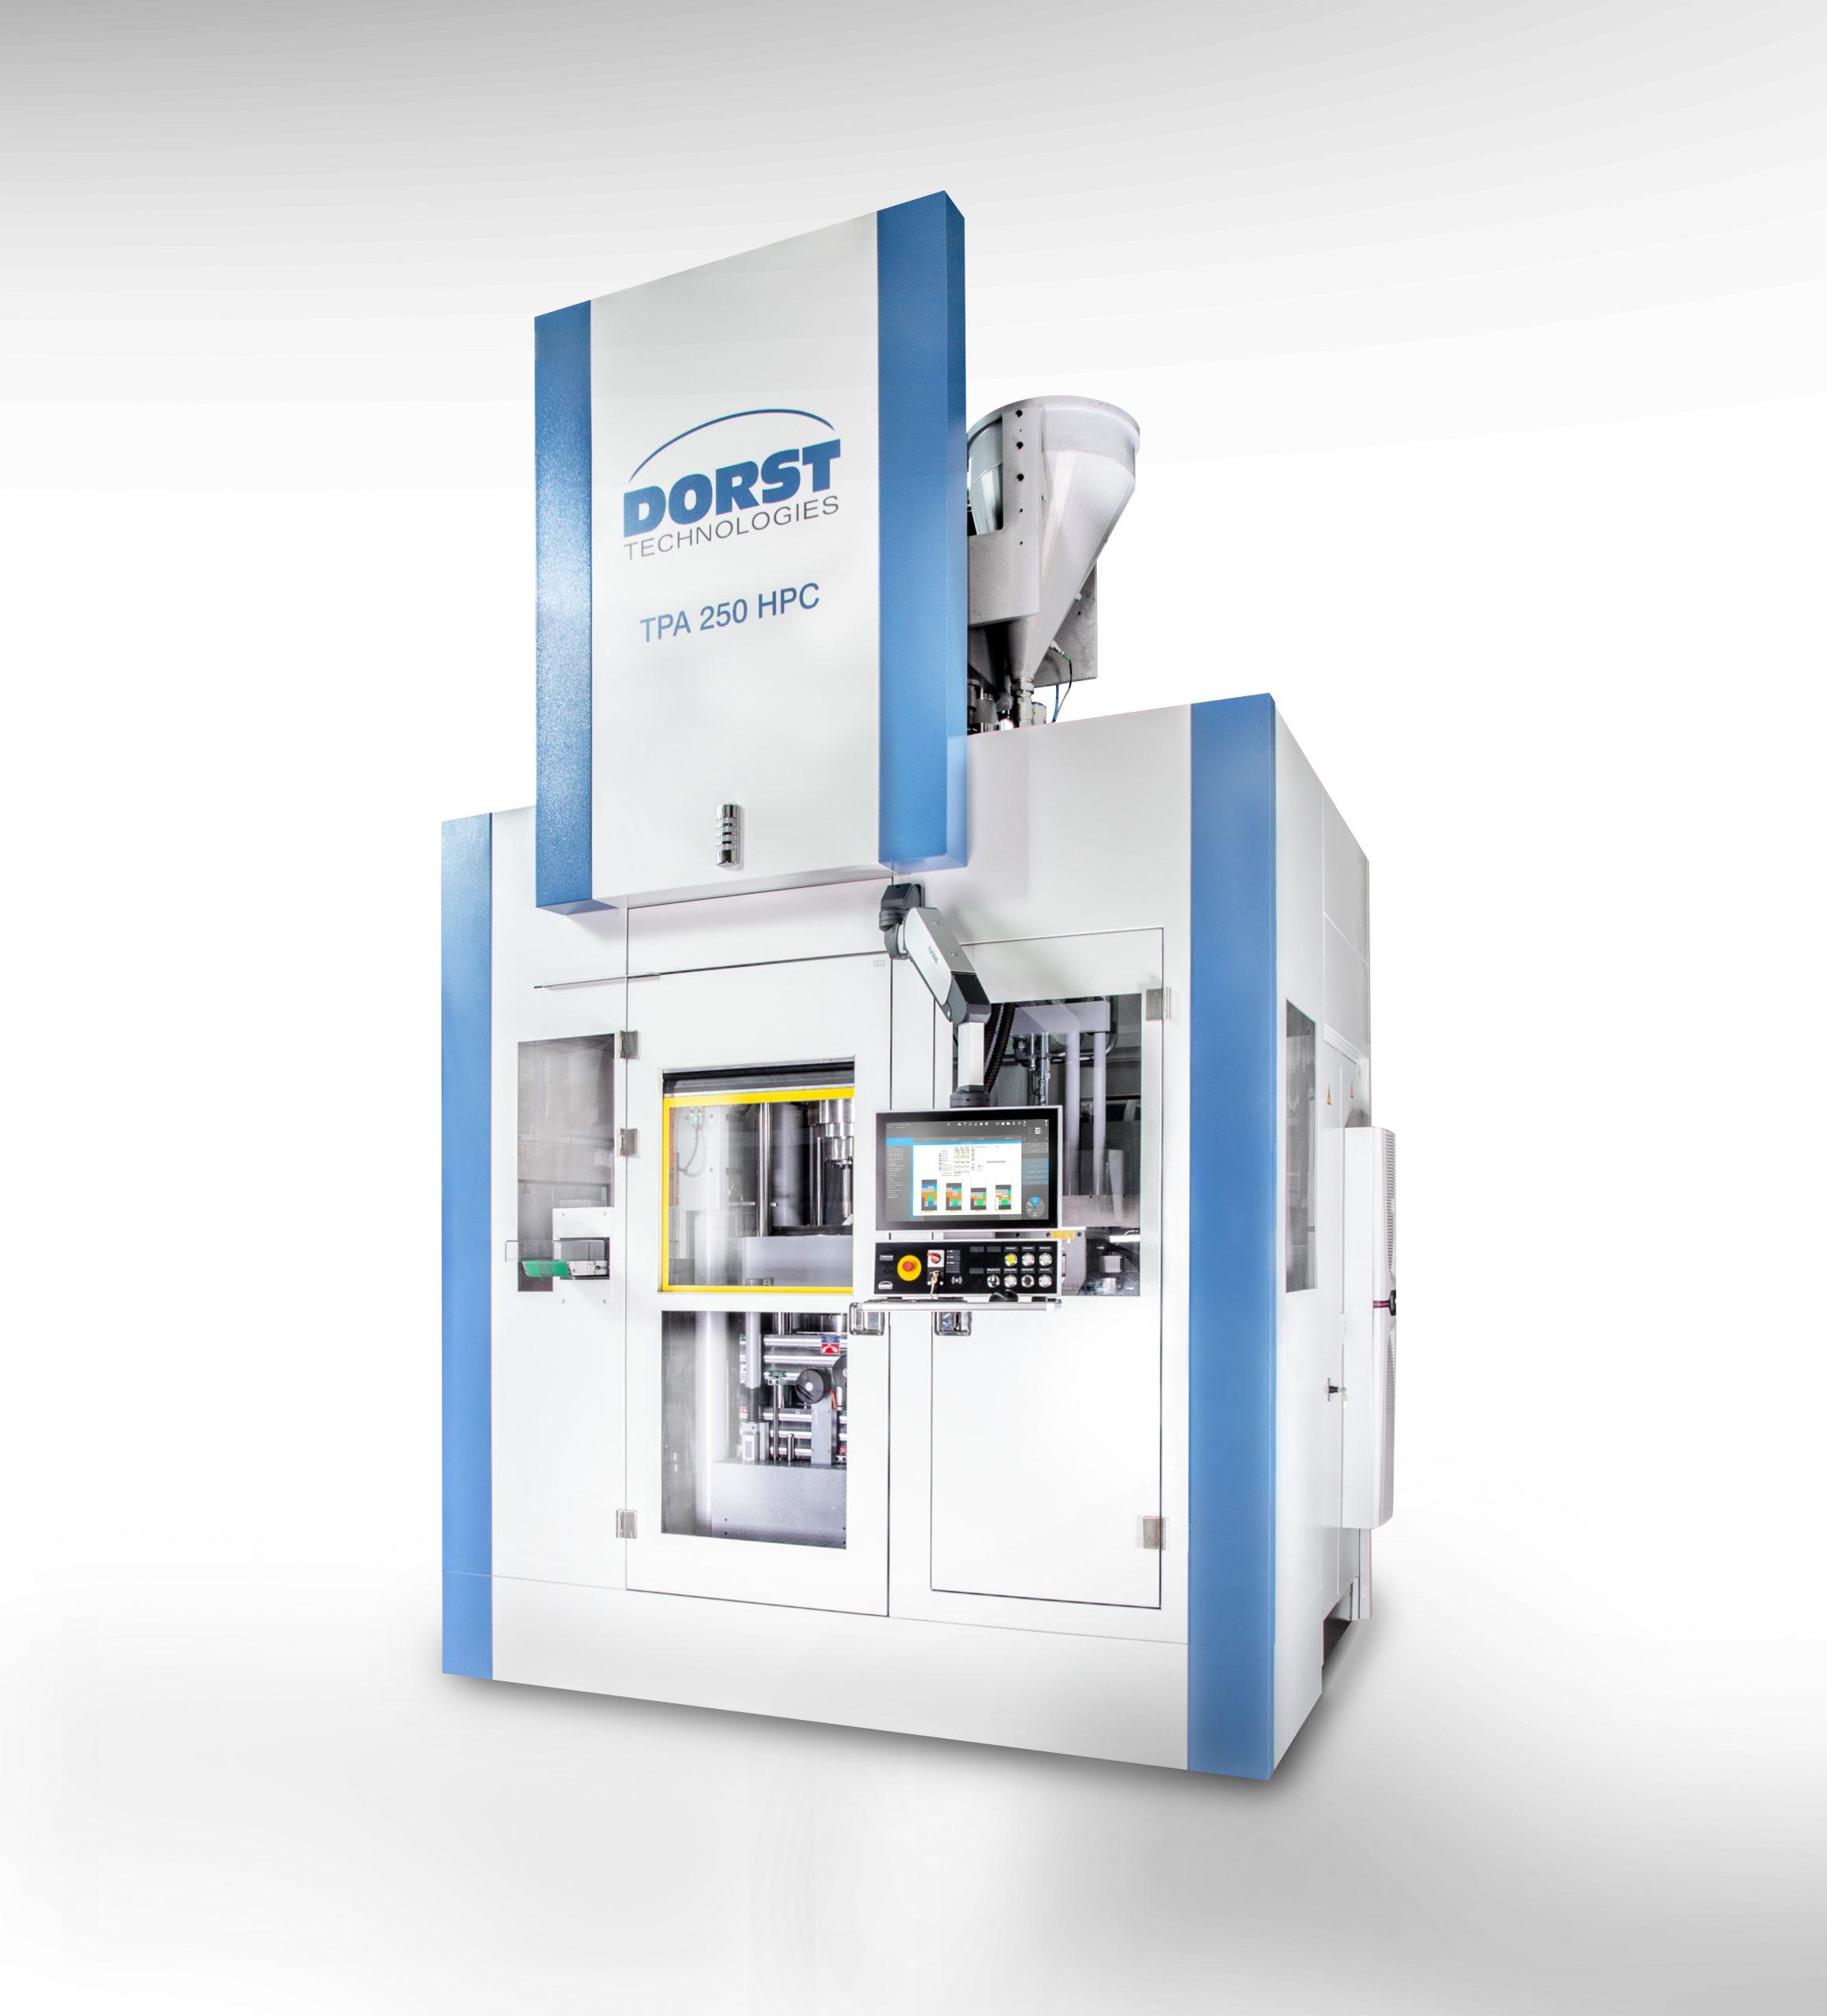 Auf den mechanischen, elektrischen oder hydraulischen Pressautomaten von Dorst wie der TPA 250HPC entstehen hochpräzise Produkte aus Metall- und Keramikpulver für viele Branchen. (Bild: Dorst Technologies GmbH & Co. KG)